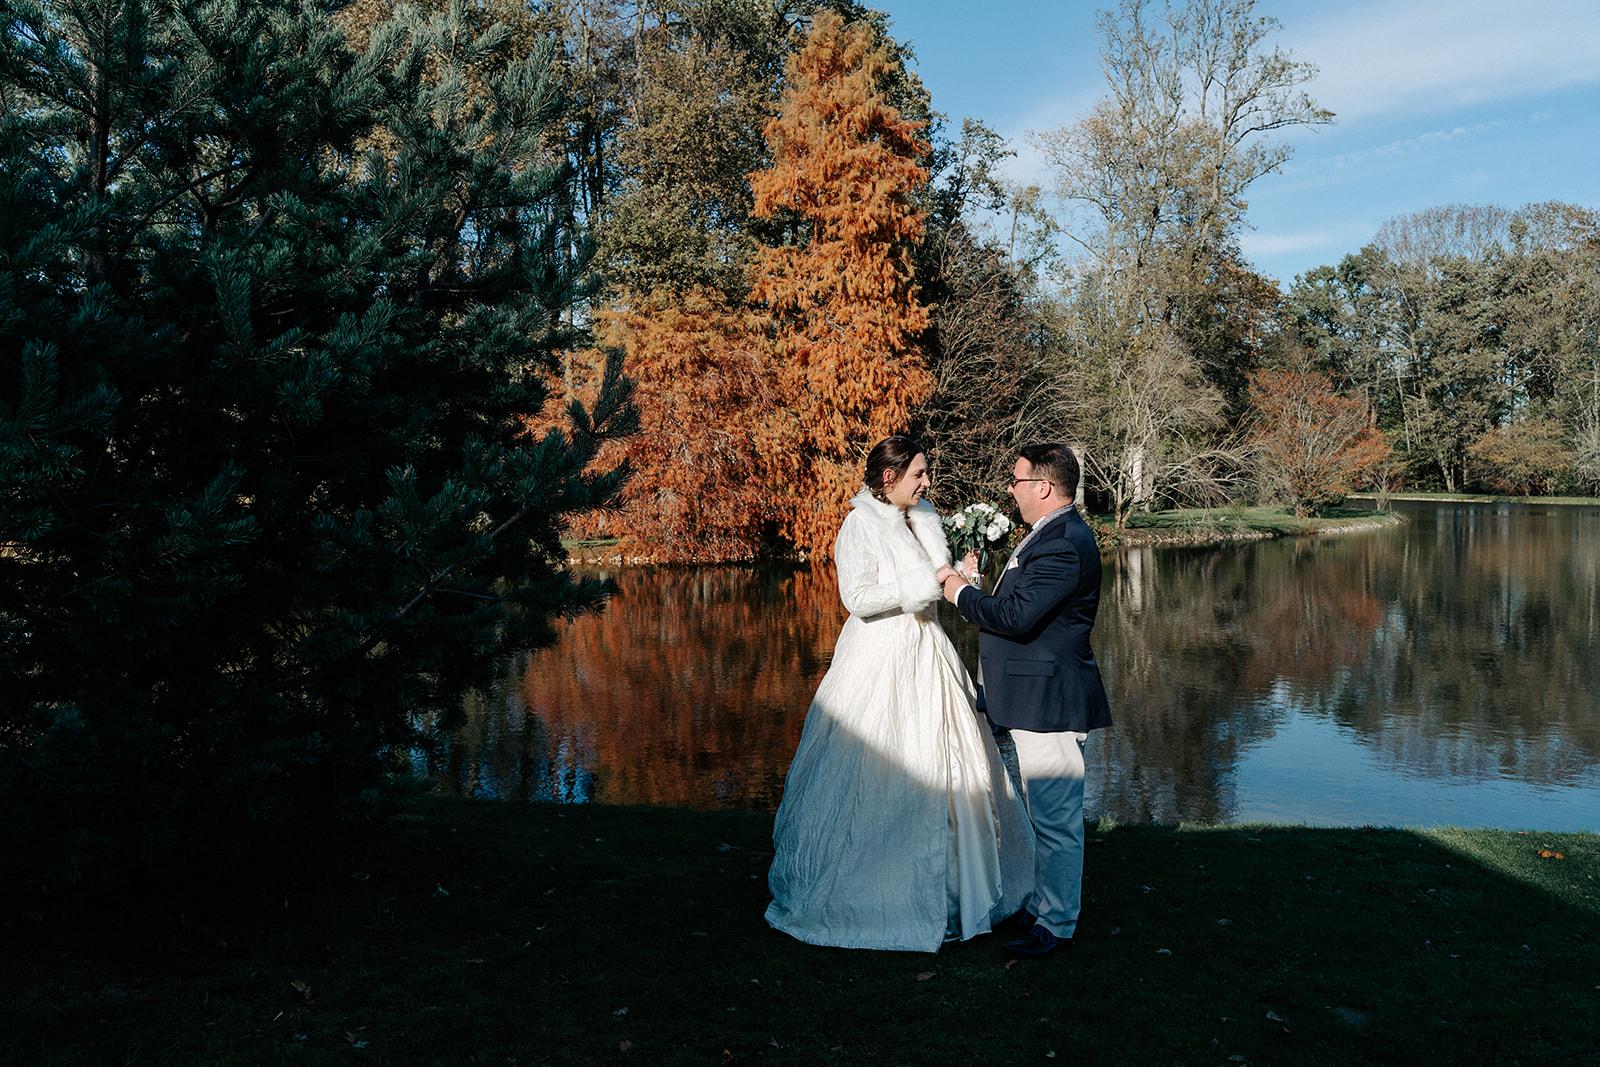 mariage photo couple hiver armelle dupuis